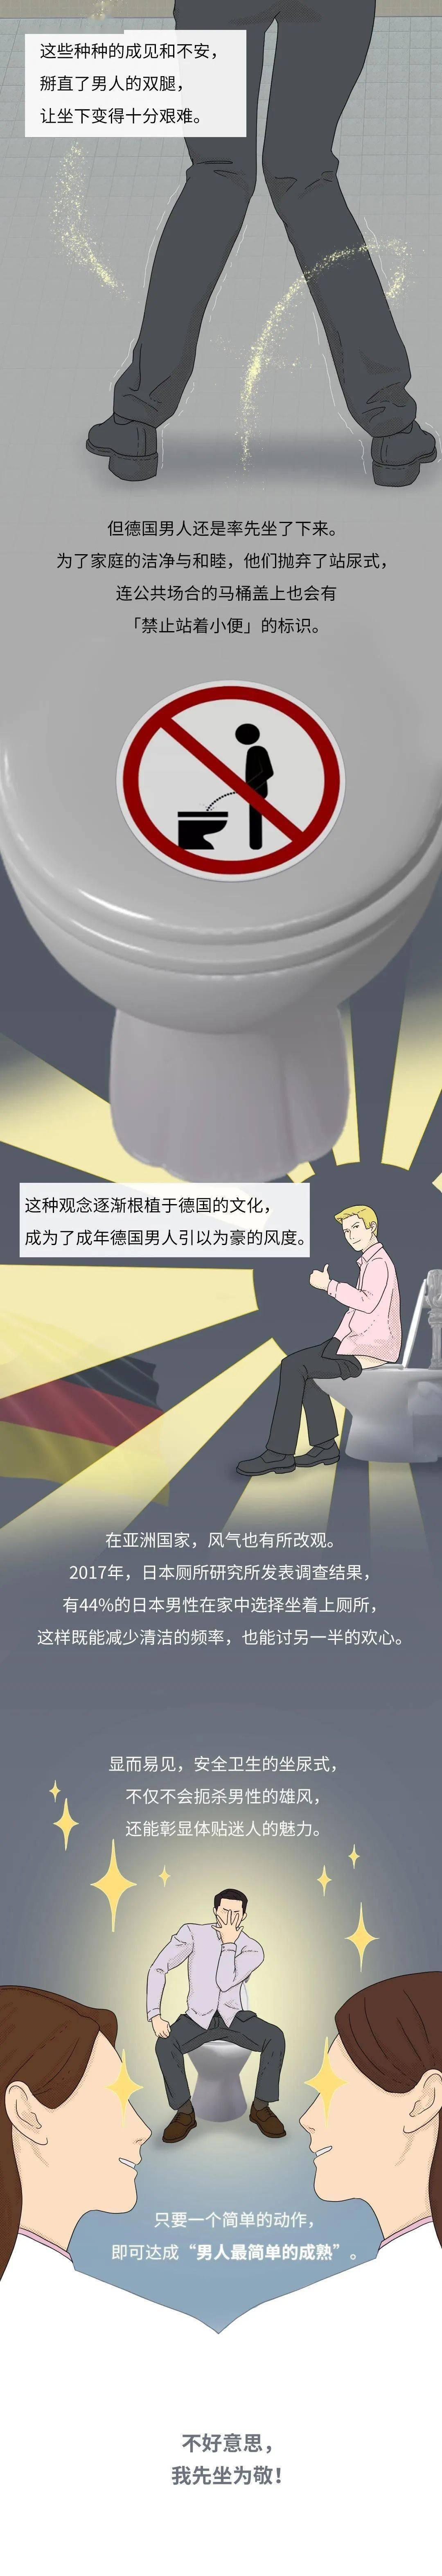 坐着尿尿,是一个男人成熟的标志 锻炼方法 第6张